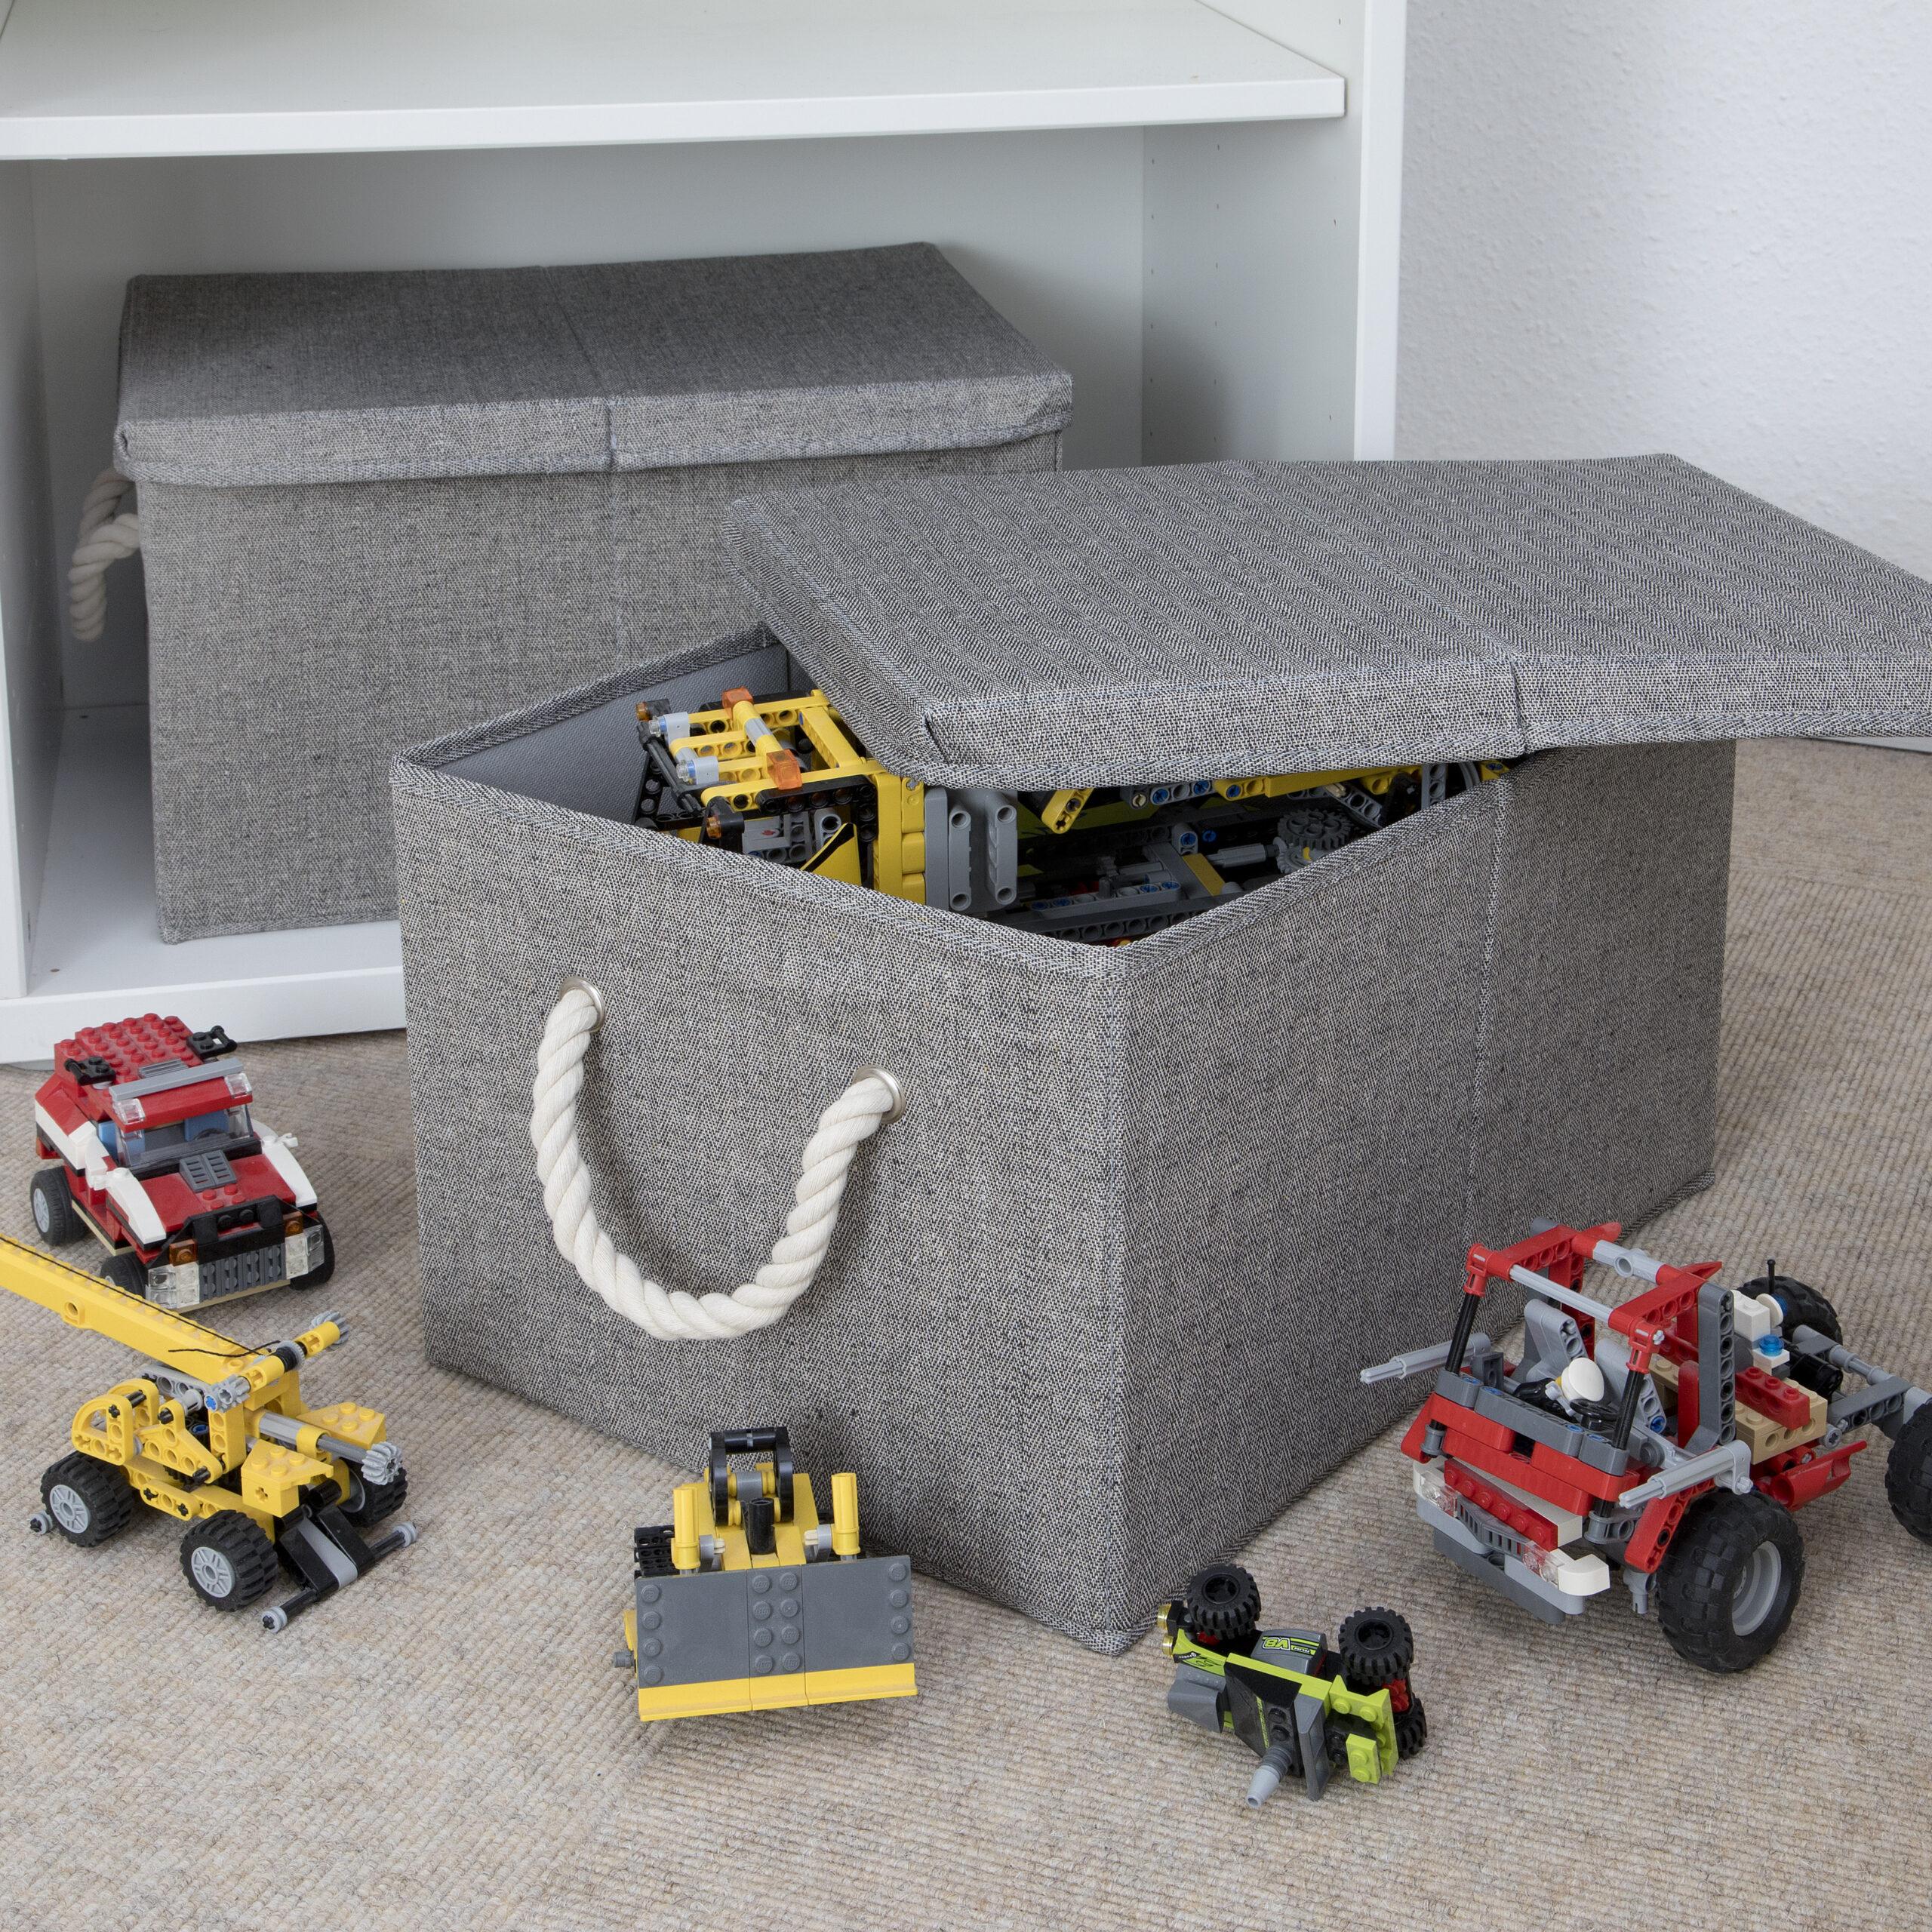 Full Size of Aufbewahrungsboxen Kinderzimmer Aufbewahrungsbo40x30x25 Cm Terrasell Sofa Regal Weiß Regale Kinderzimmer Aufbewahrungsboxen Kinderzimmer